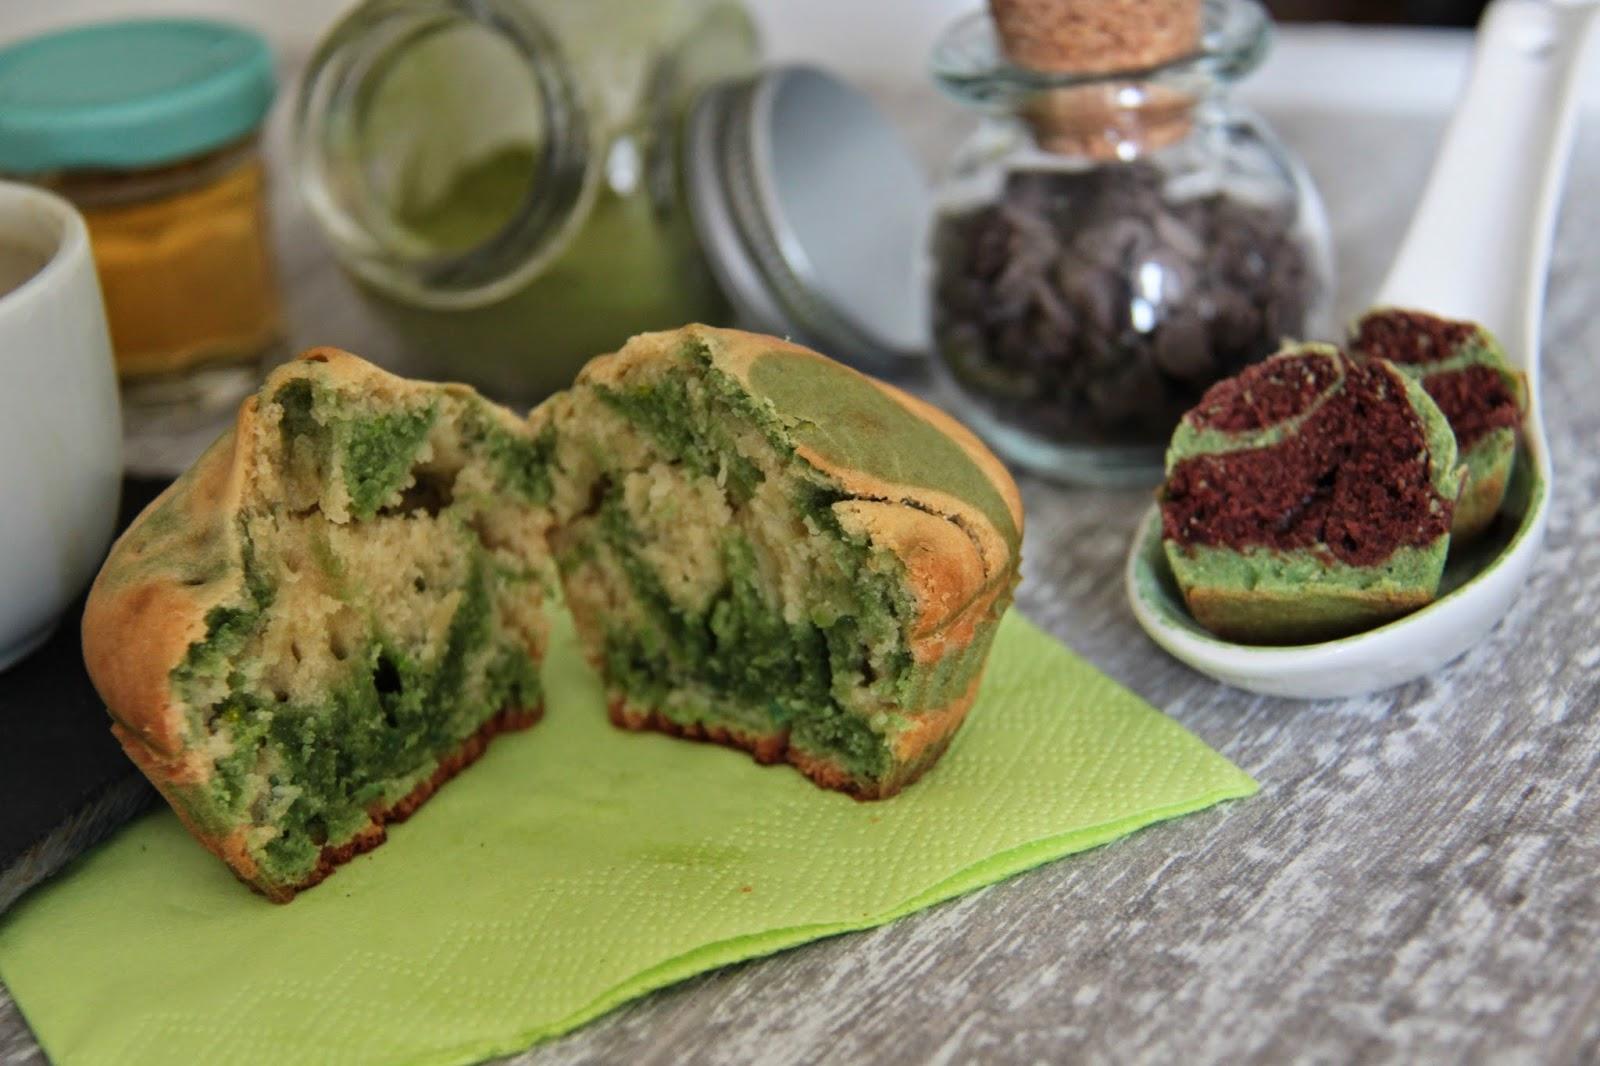 Recettes végétales (véganes): Muffins marbrés véganes vanille-matcha et vanille-chocolat